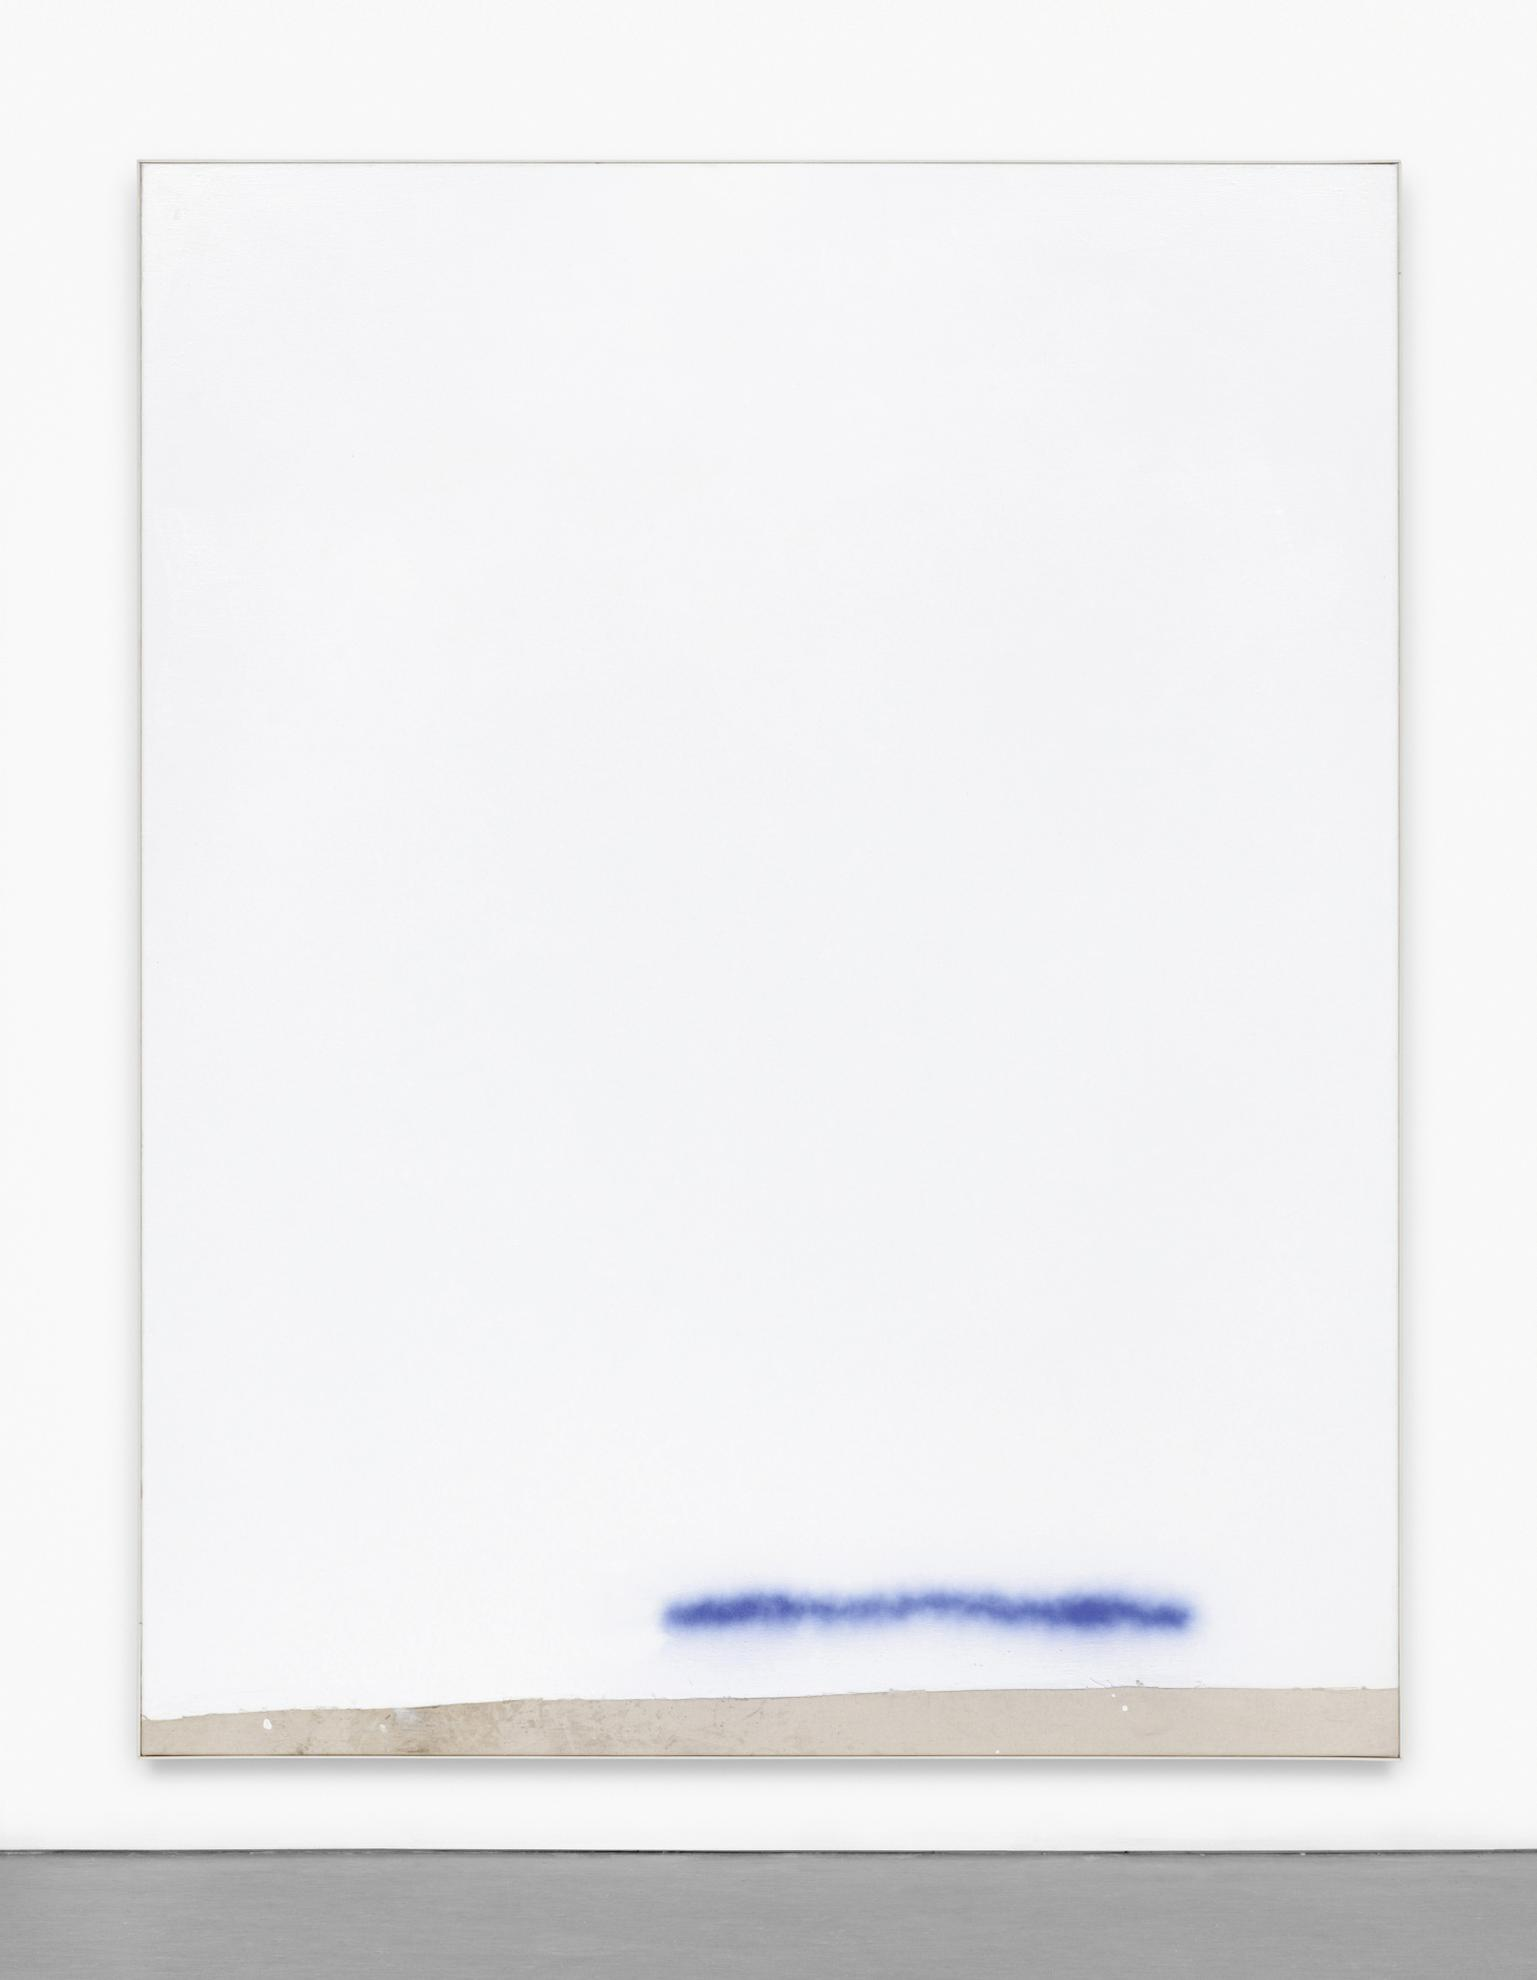 David Ostrowski-F (Jet Grill)-2013